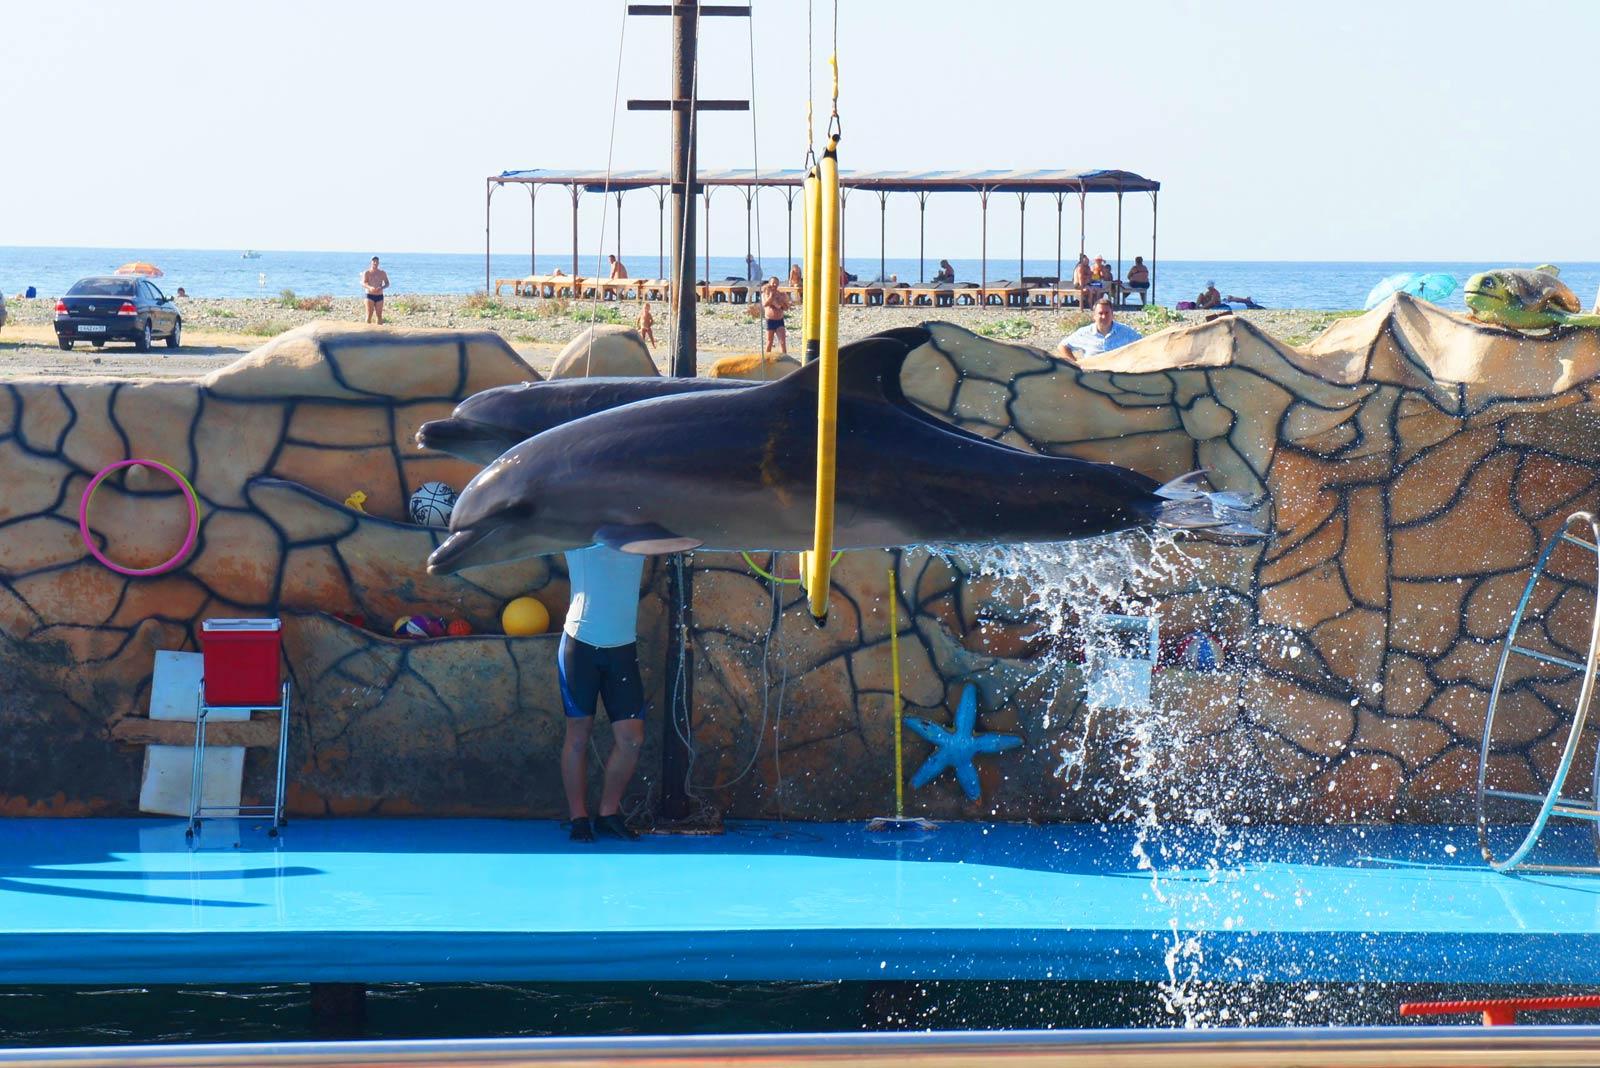 Экскурсия в дельфинарий на Большой Утриш